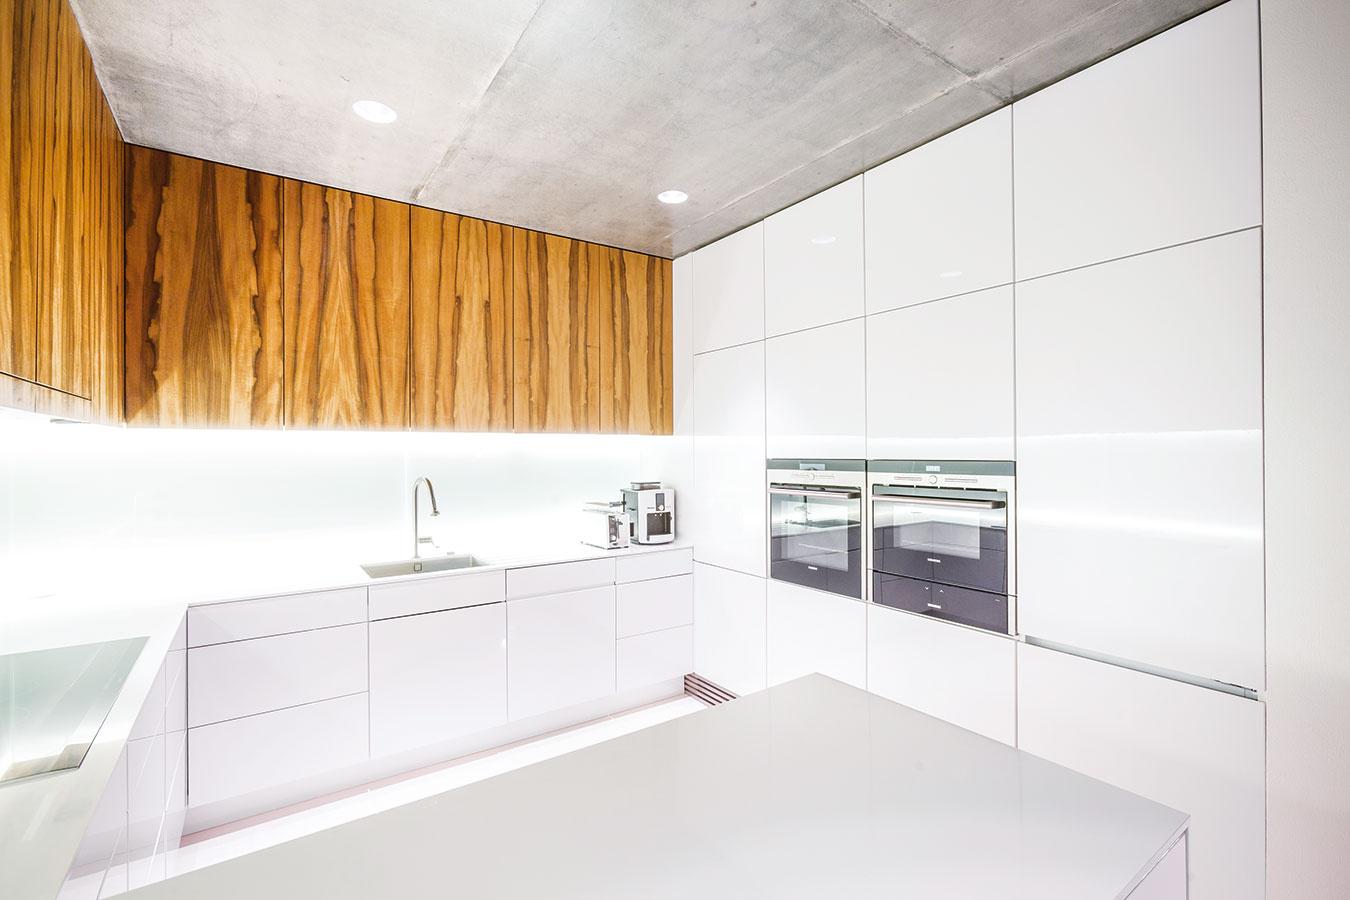 V kuchyni by ste márne hľadali otvorené police. Spodné skrinky sú biele a vyhotovené v aktuálne obľúbenom vysokom lesku. Dvierka horných skriniek tvorí dyha z indickej jablone, ktorá sa opakuje v celej dennej časti.